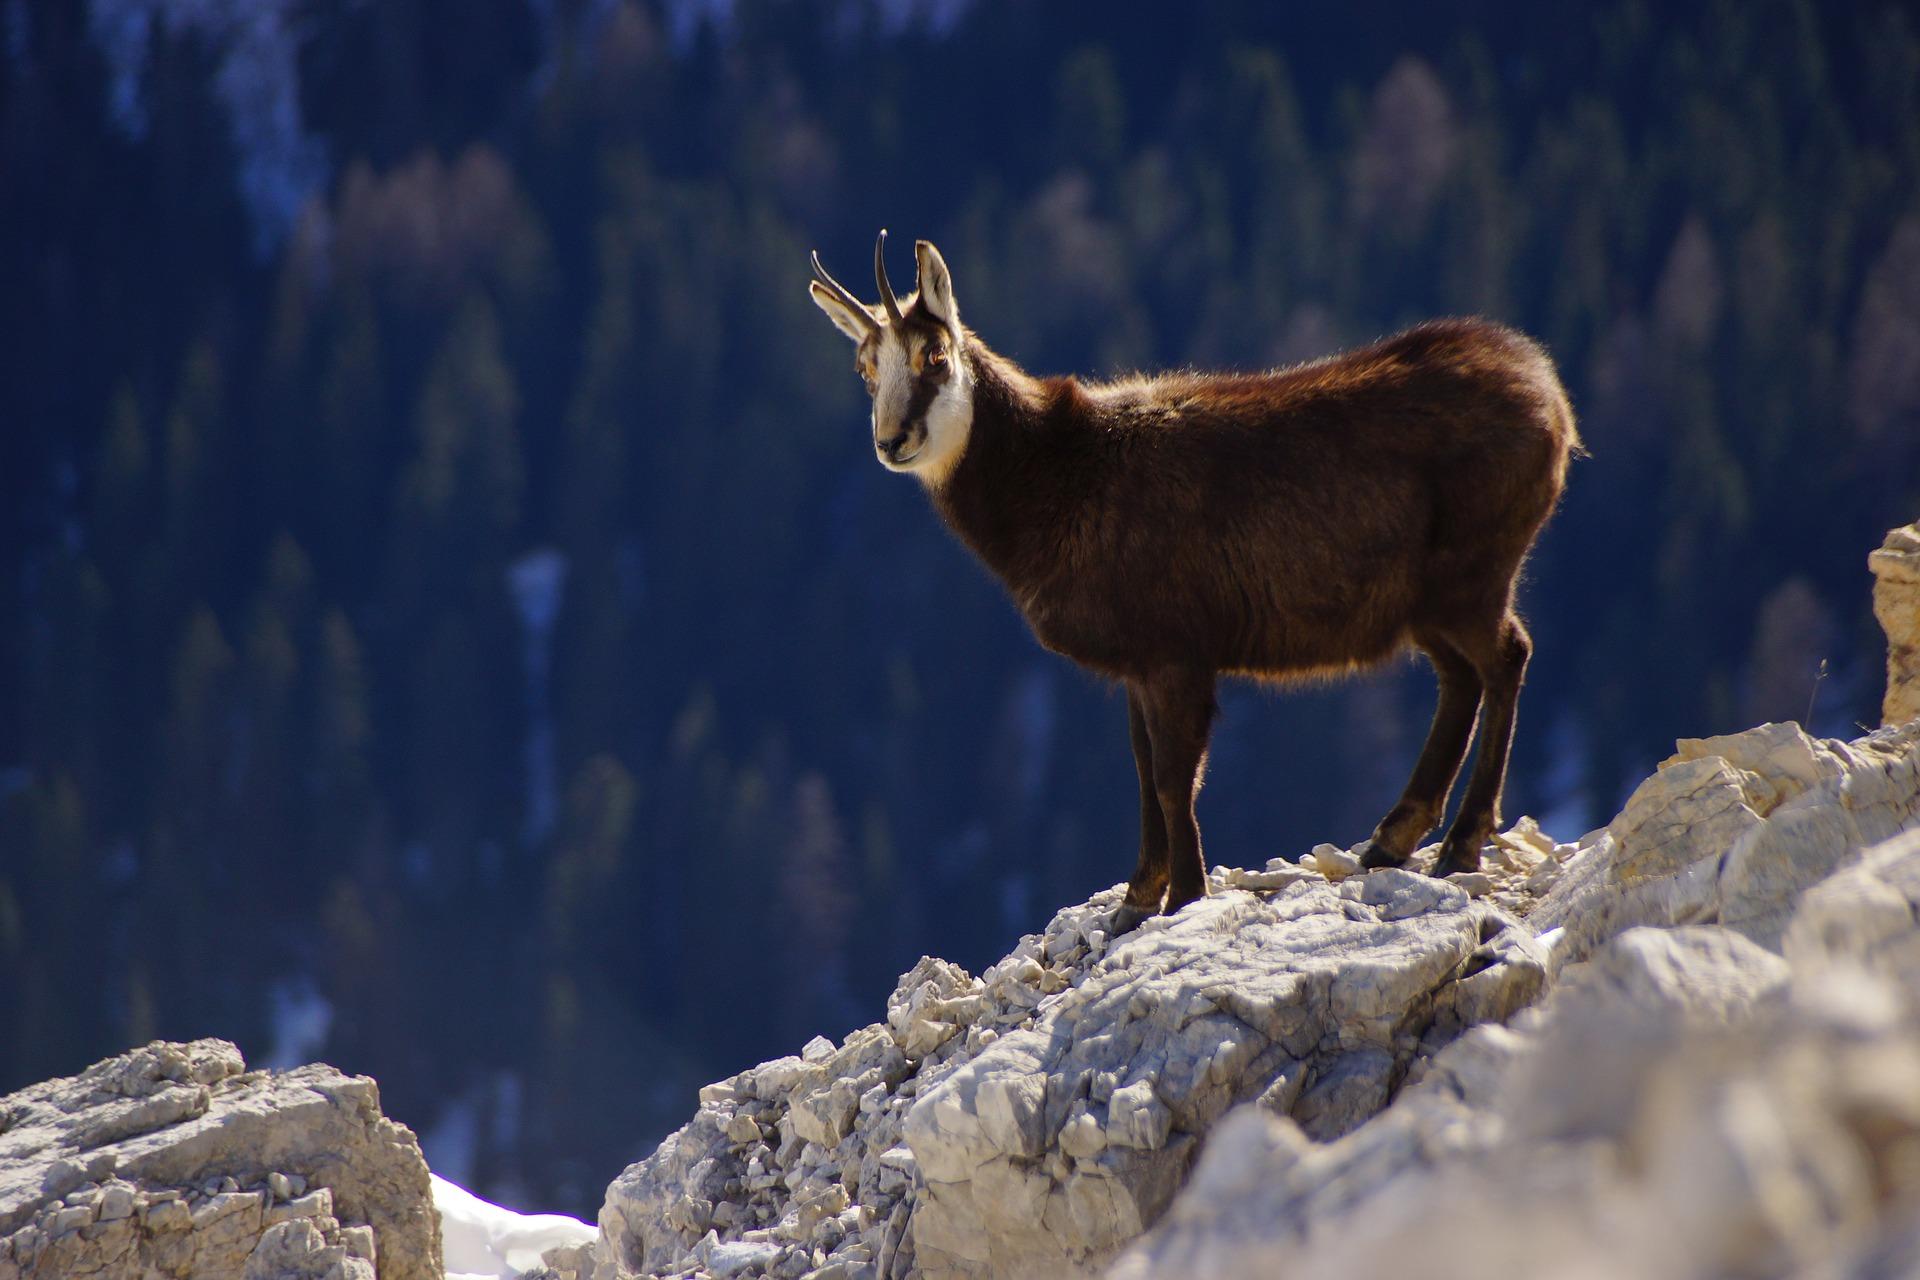 kozica, kozica północna, kozica tatrzańska, zwierzęta w górach, racice kozicy, budowa, animalistka.pl, blog o zwierzętach, animalistka